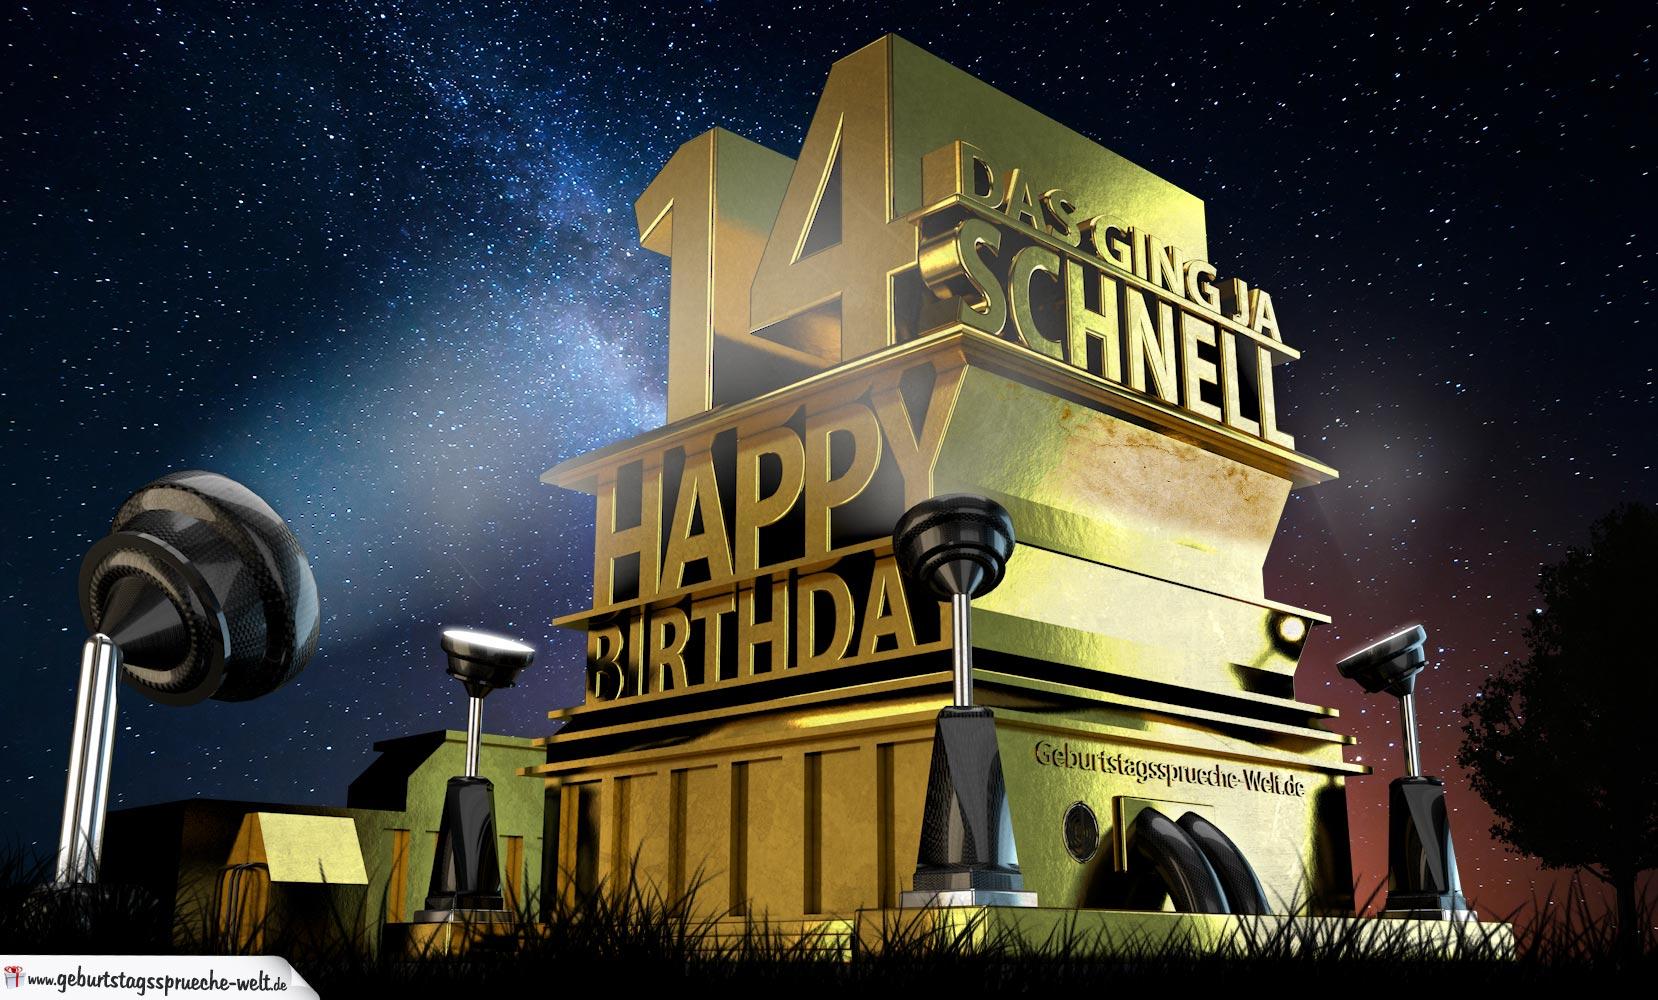 Kostenlose Geburtstagskarte zum 14. Geburtstag im Stile von Hollywood - Happy Birthday ...